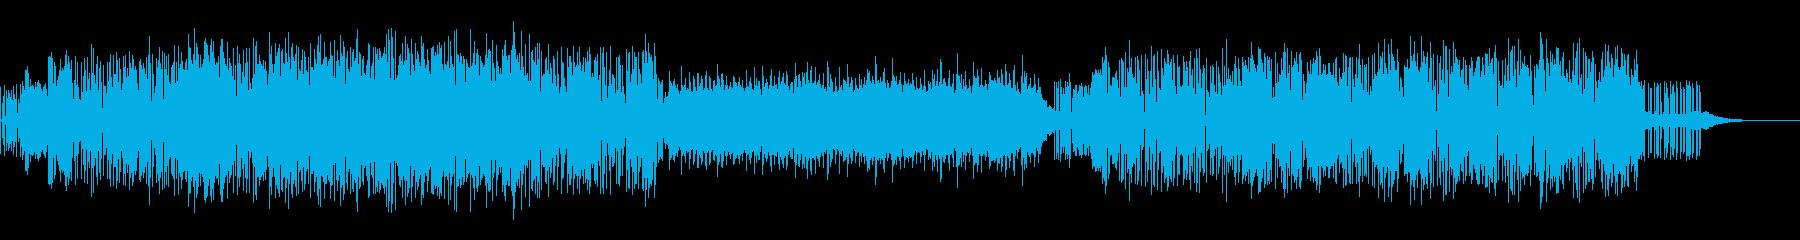 ダークかつリズム感のあるエレクトロニカの再生済みの波形